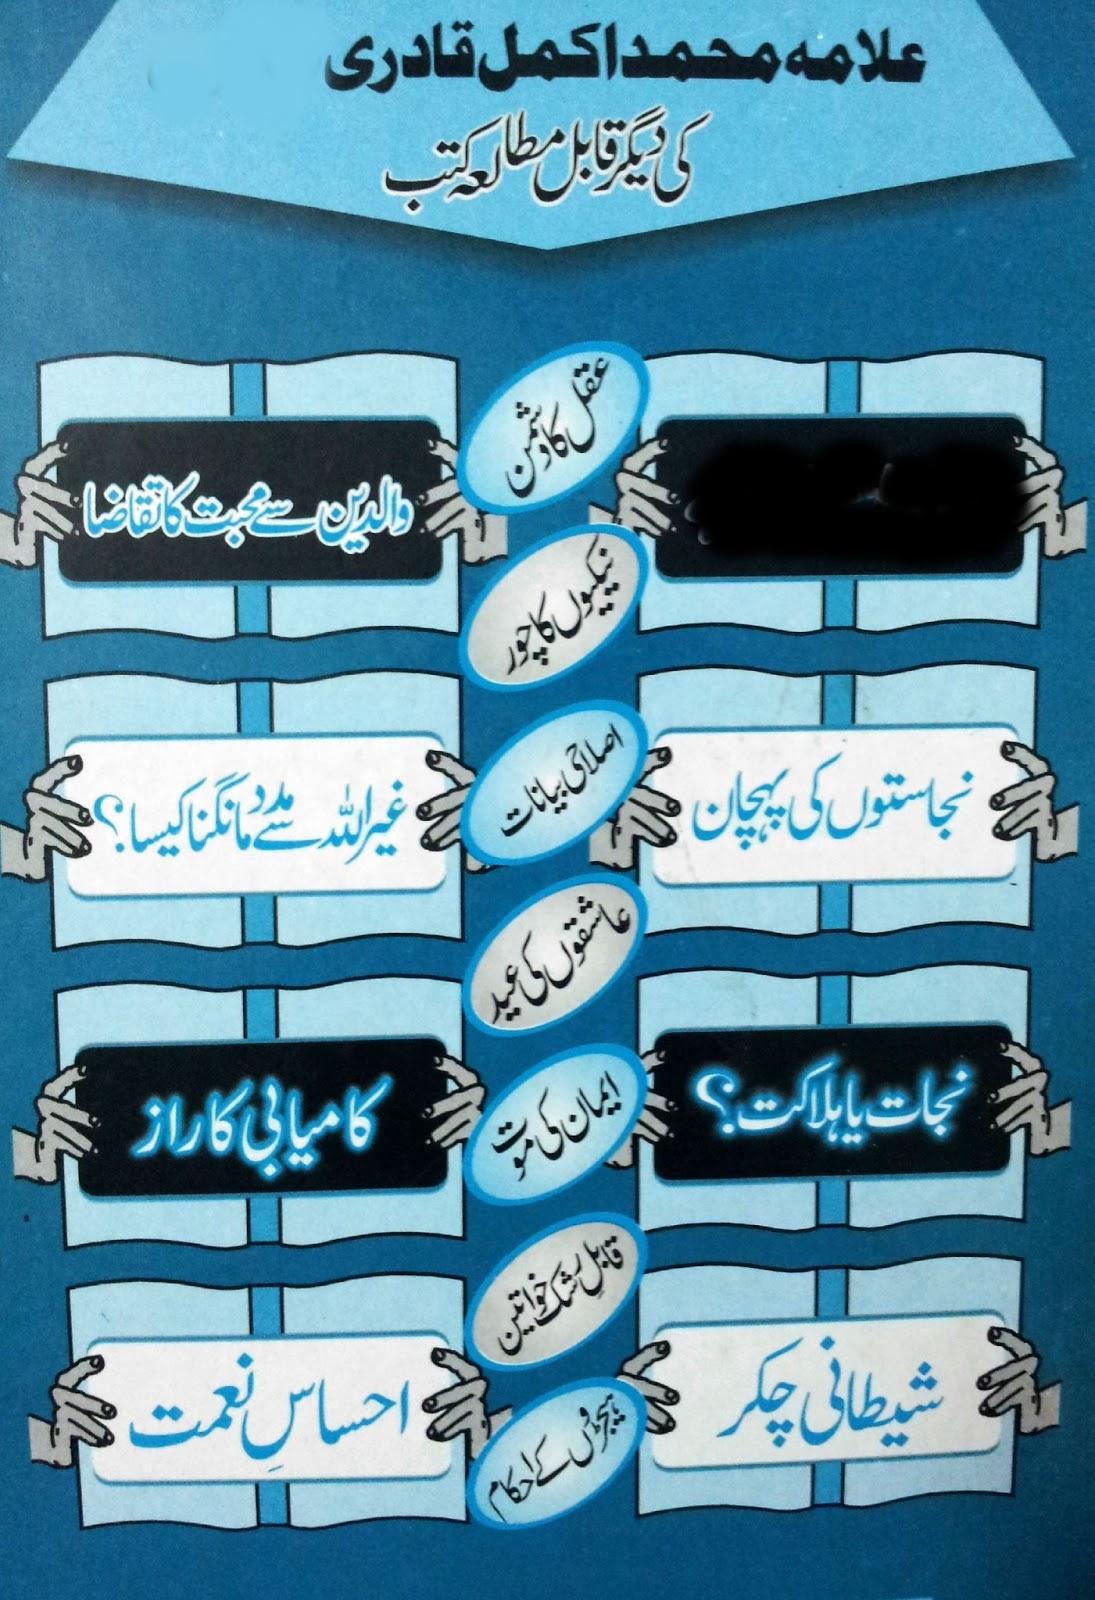 Mufti akmal books download